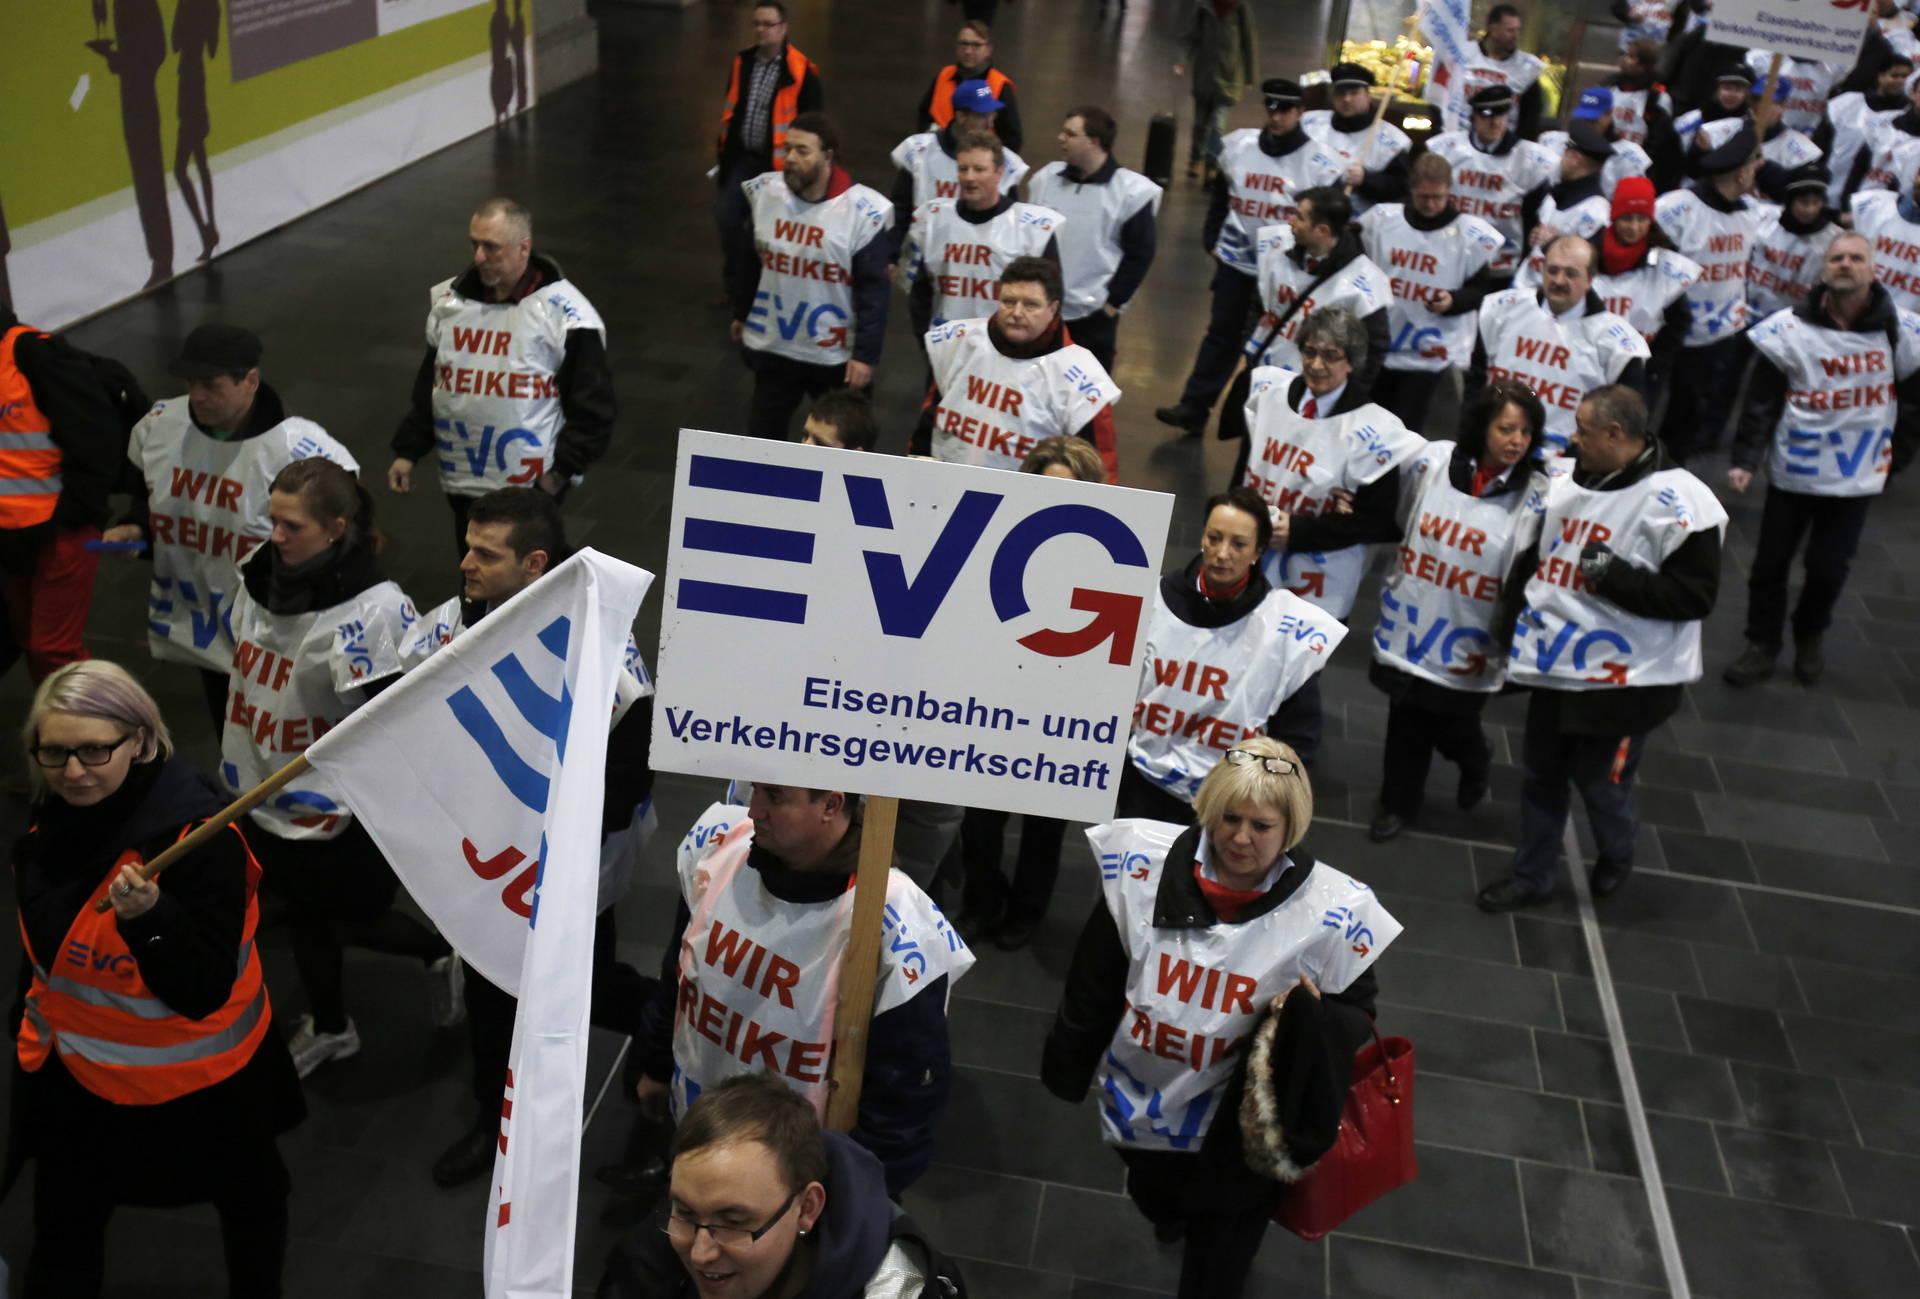 Evg mitarbeiter streik